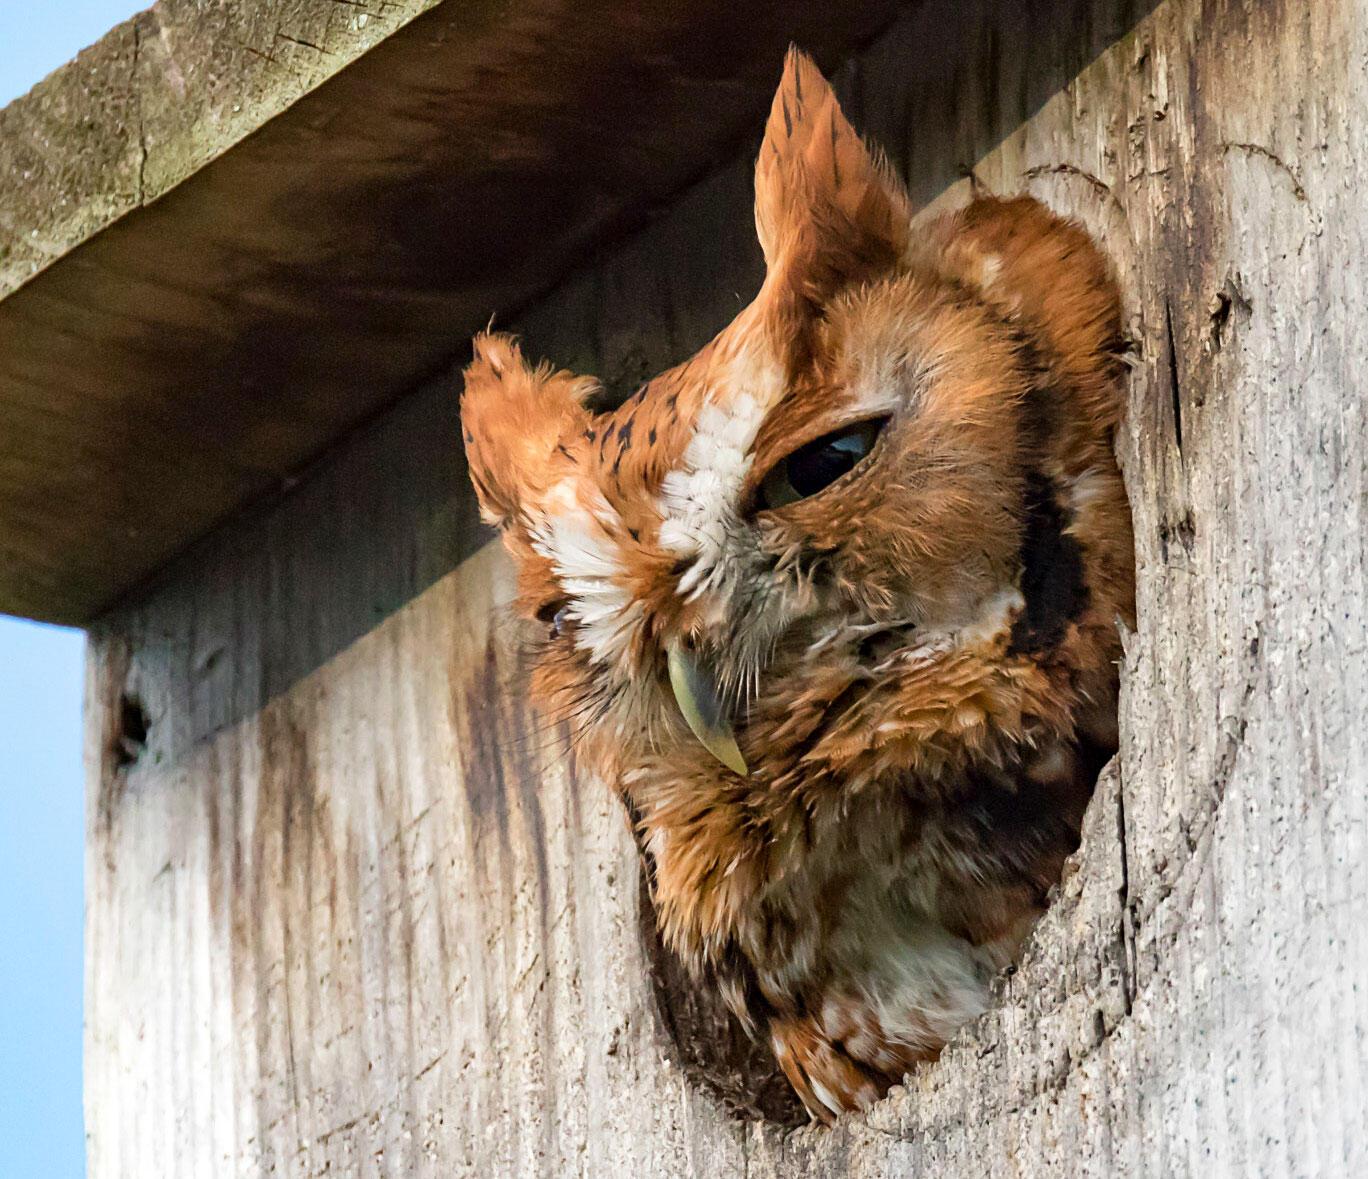 Eastern Screech-Owl. Robert Strickland/Great Backyard Bird Count